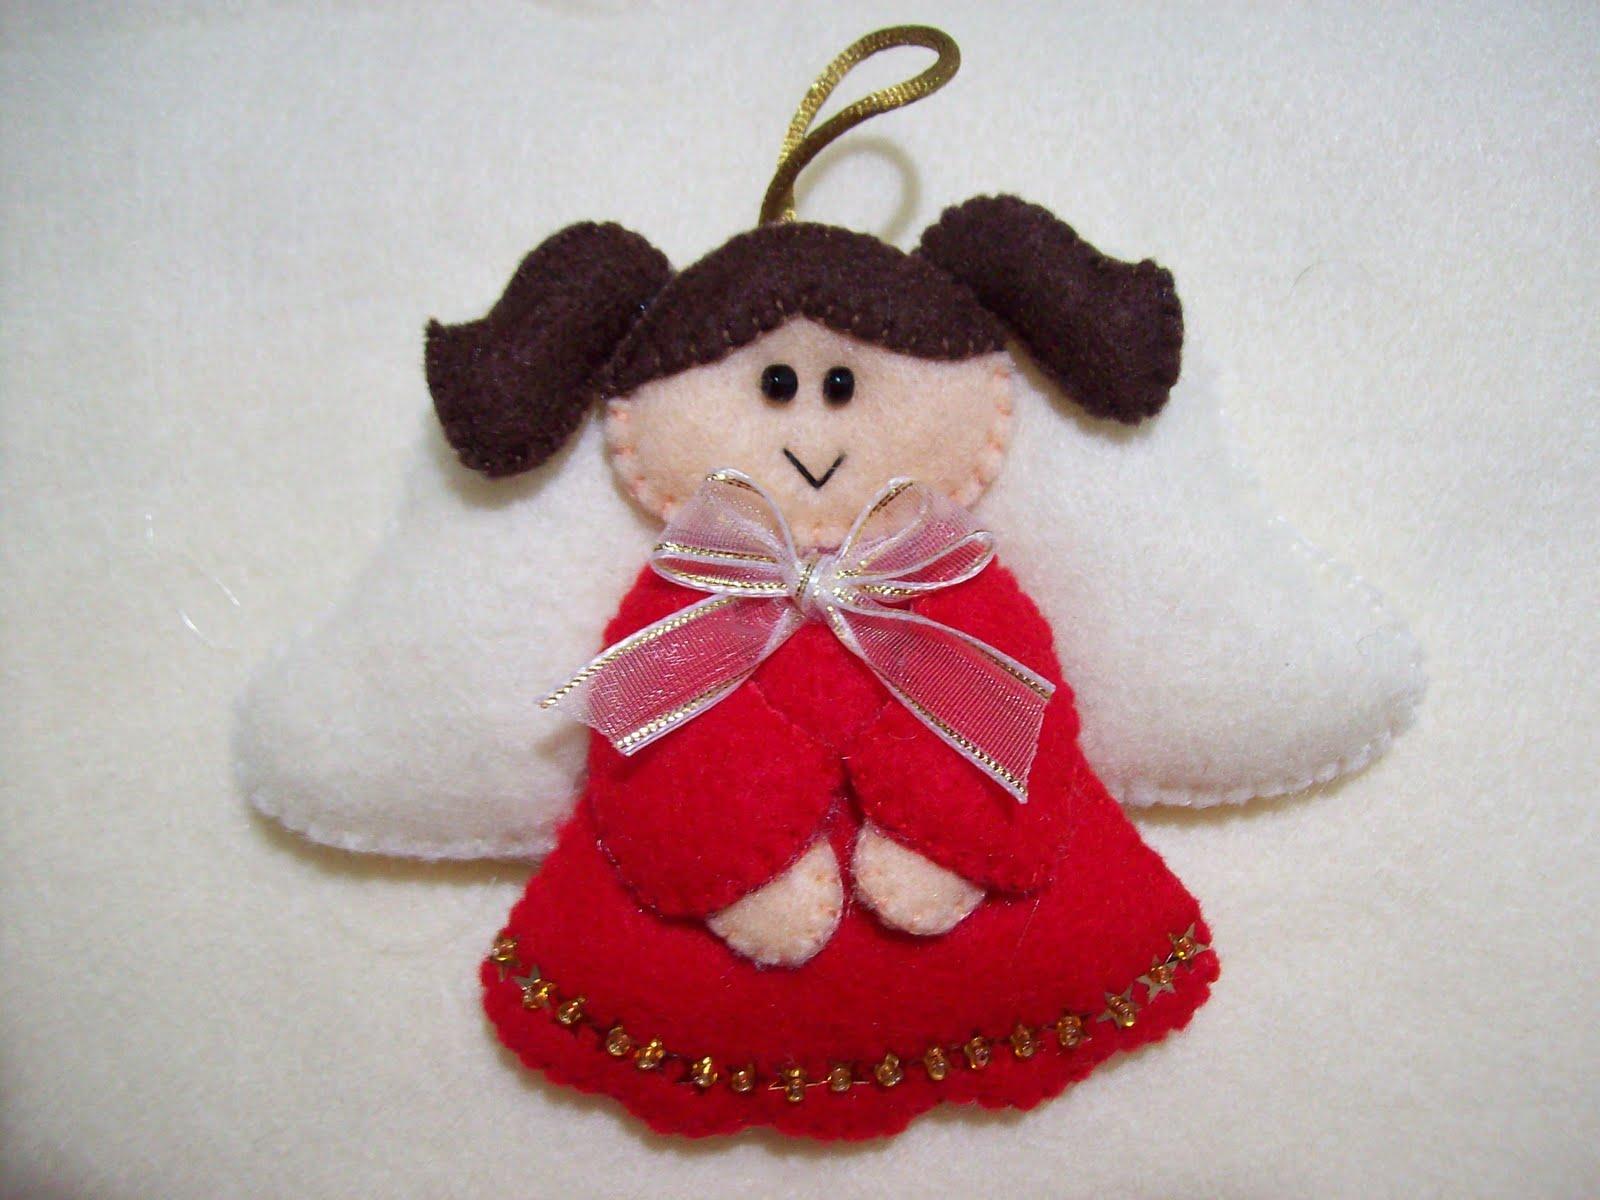 Shexeldetallitos blog de manualidades adornos de - Manualidades de arboles de navidad ...